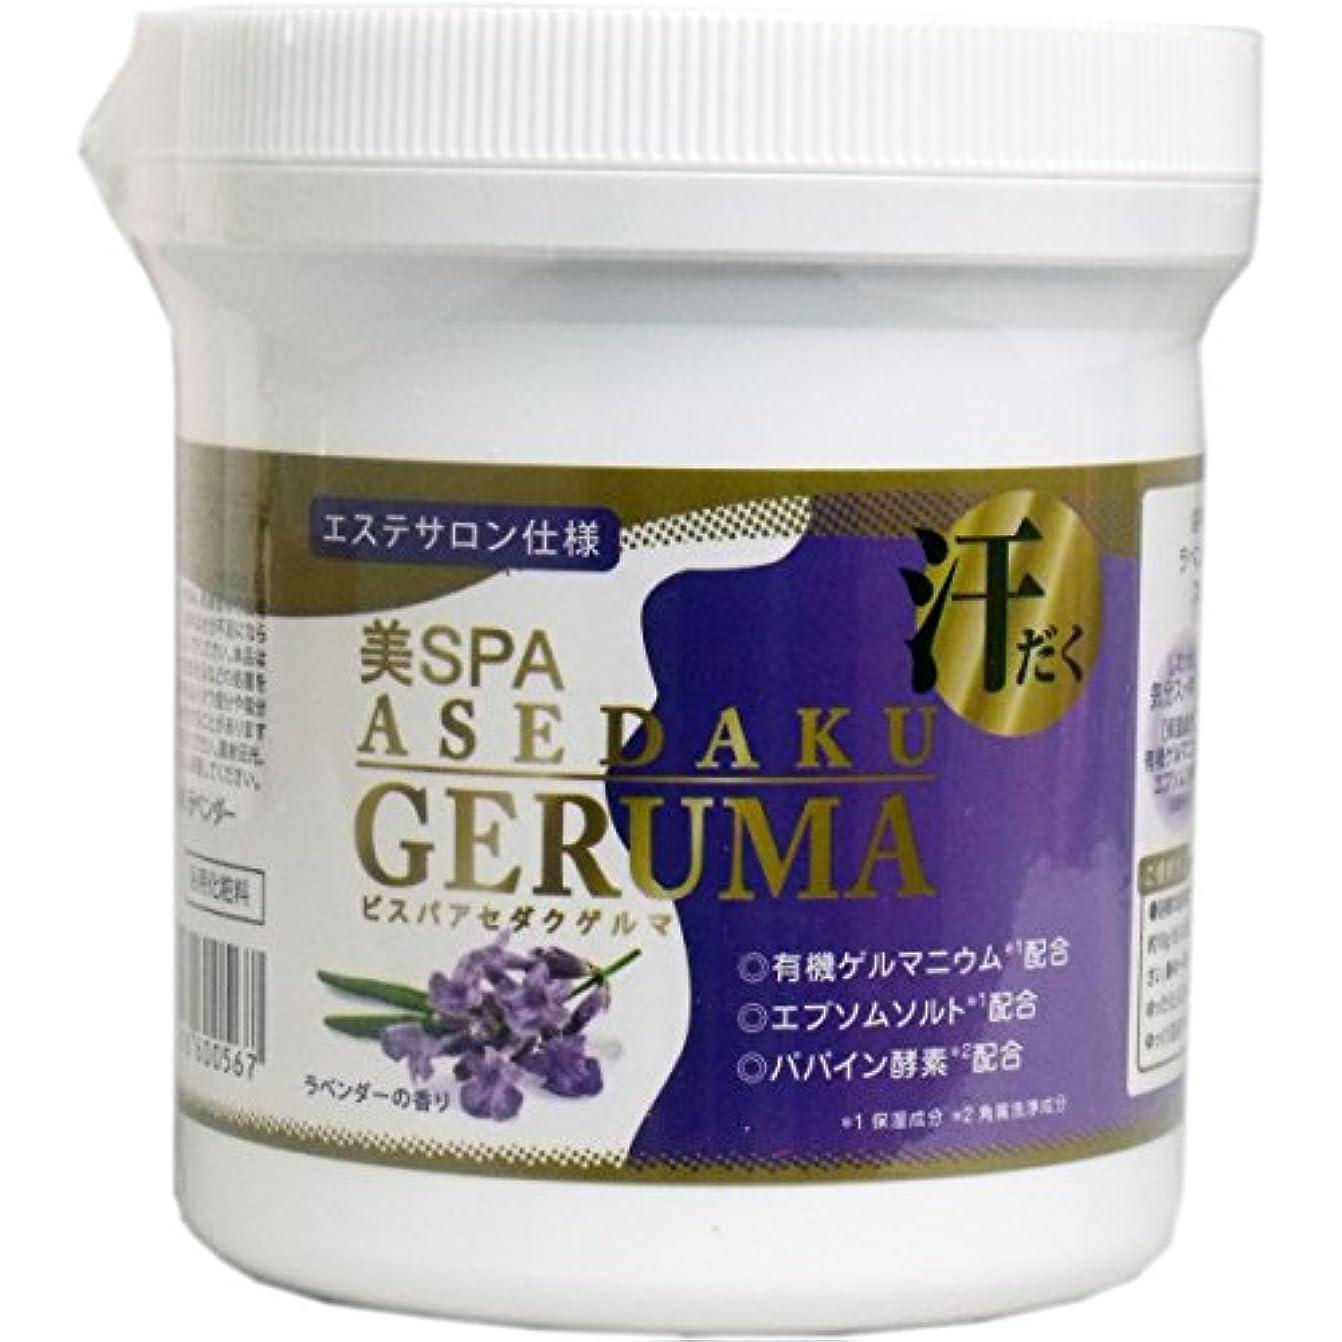 スモッグ盗難アンソロジー日本生化学 ビスパ アセダクゲルマ ラベンダーの香り 400g